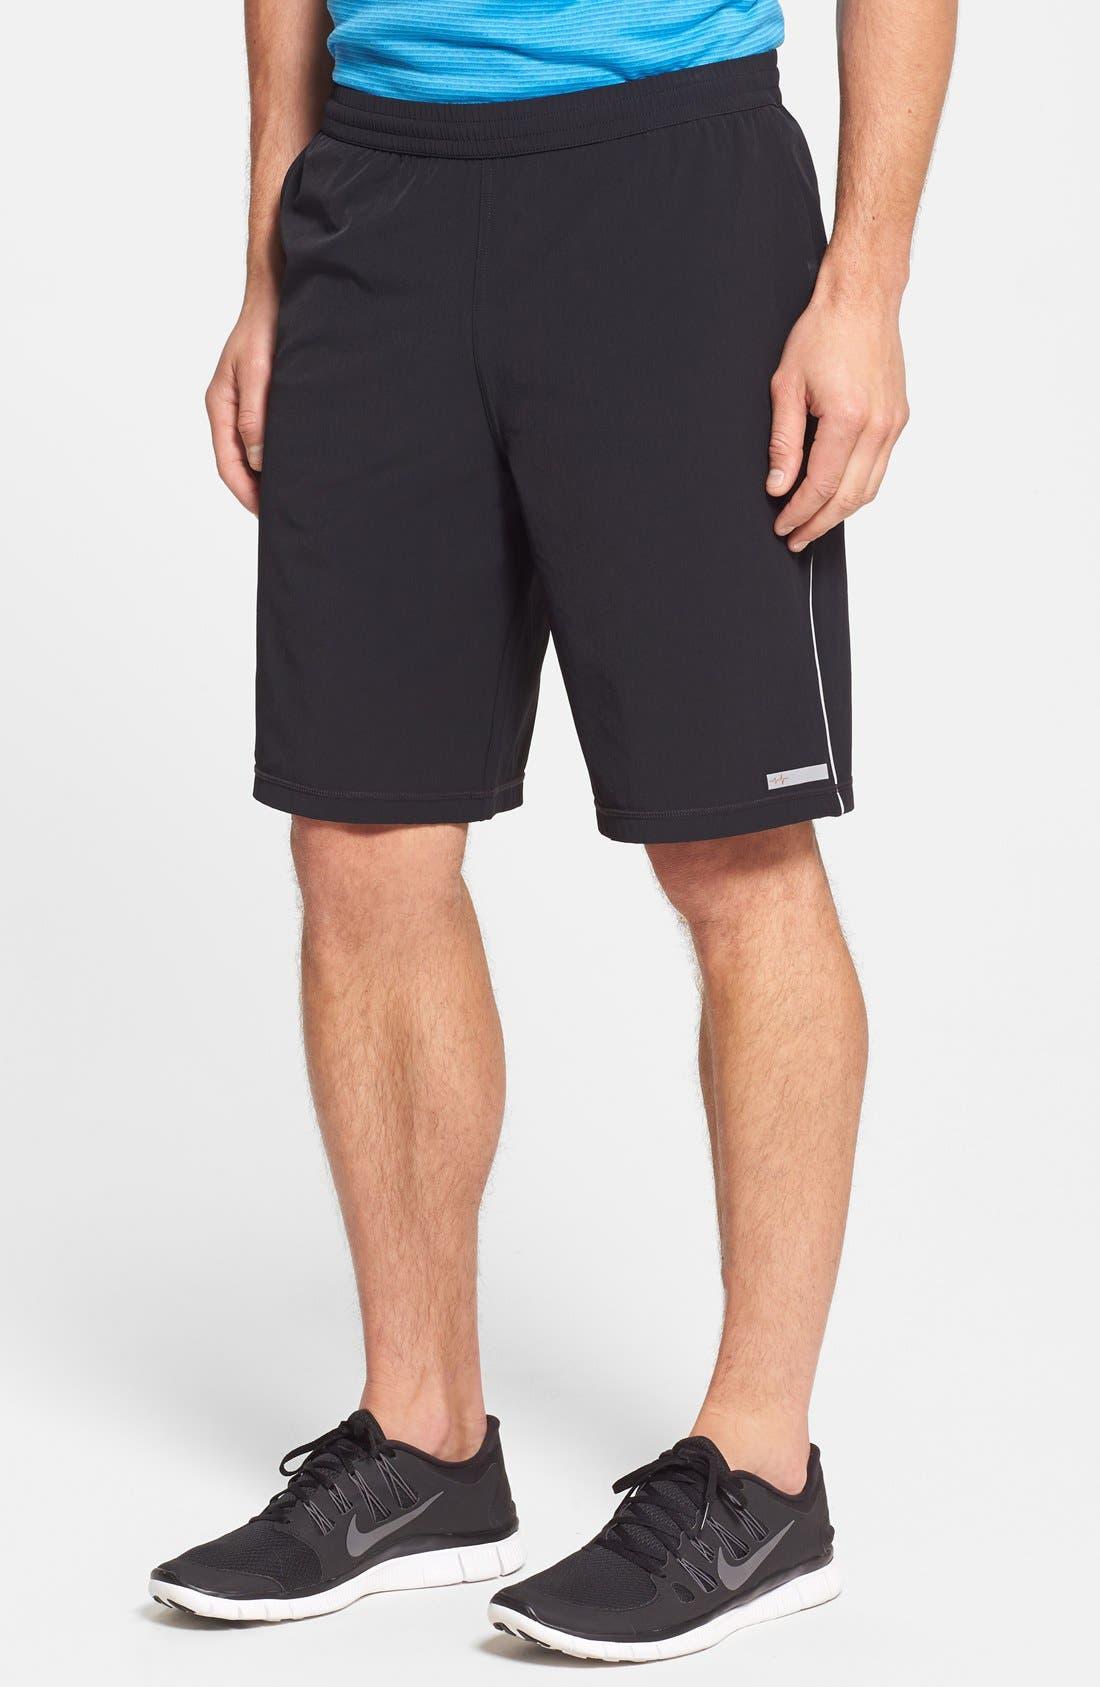 Athletic Training Shorts,                             Main thumbnail 1, color,                             001